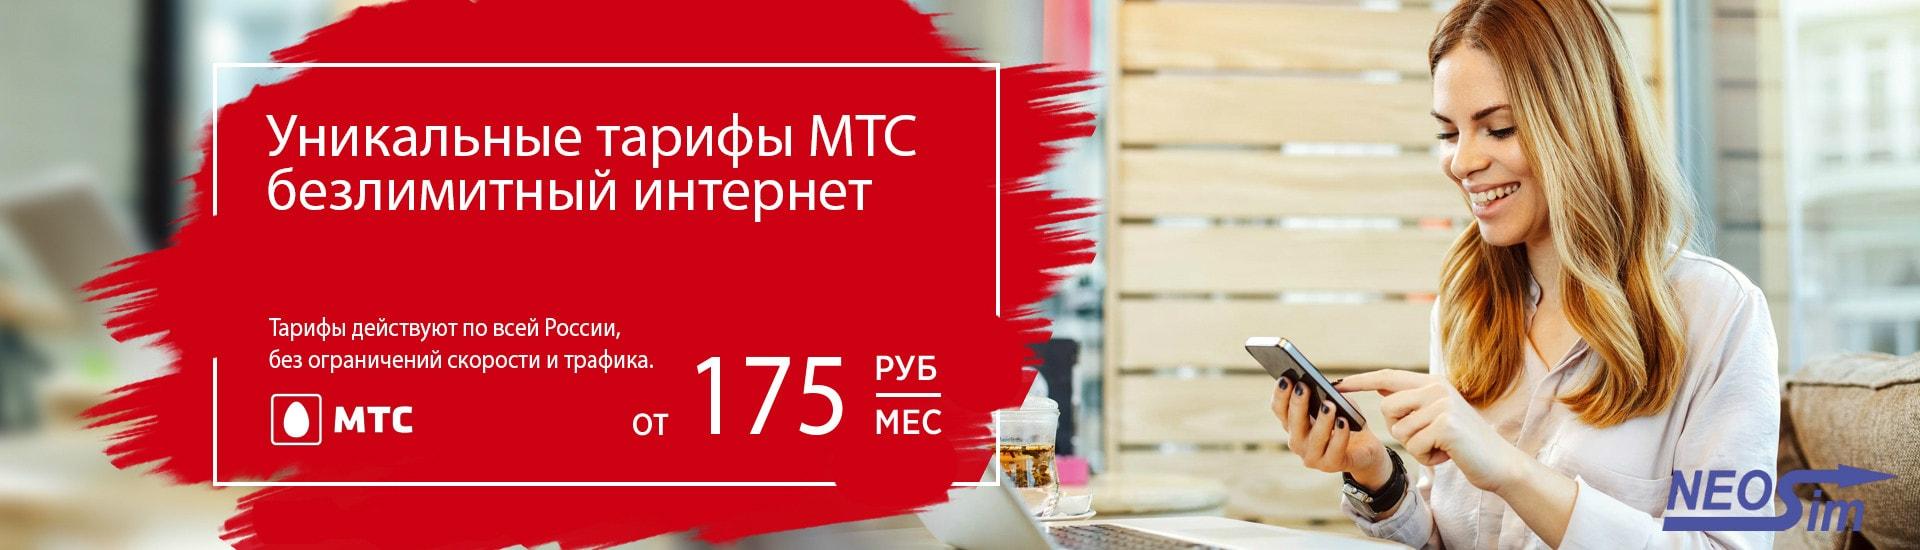 Уникальные тарифы от MTS с супер низкой ценой в месяц